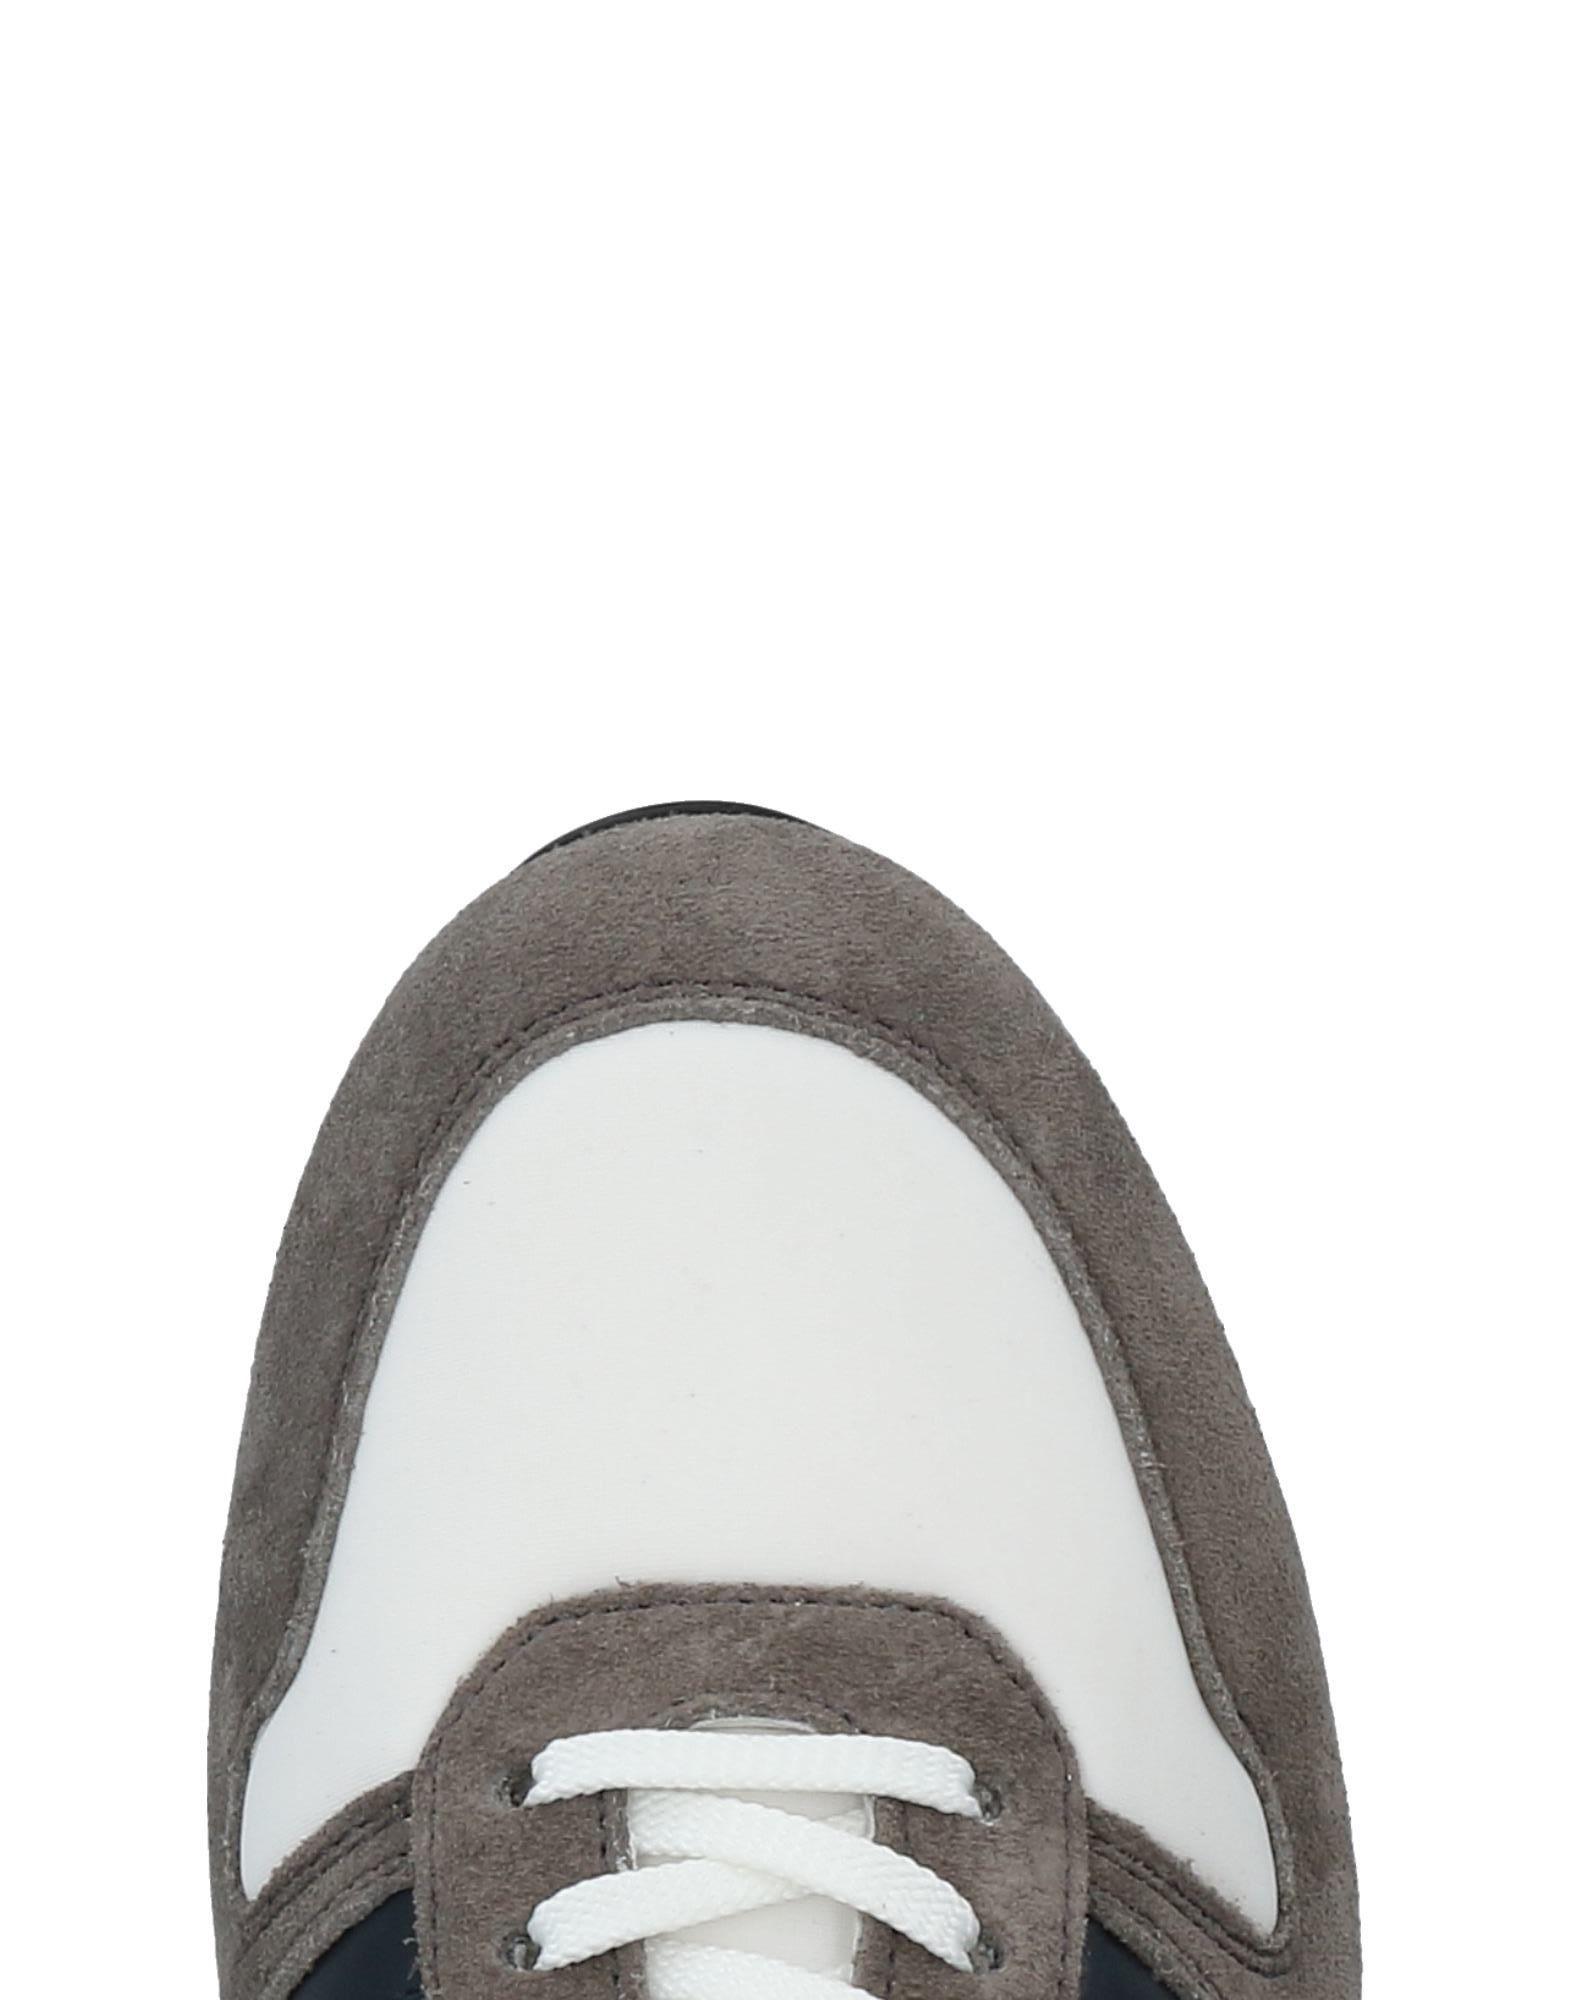 Hogan Gute Sneakers Herren  11439410AG Gute Hogan Qualität beliebte Schuhe 95f60a